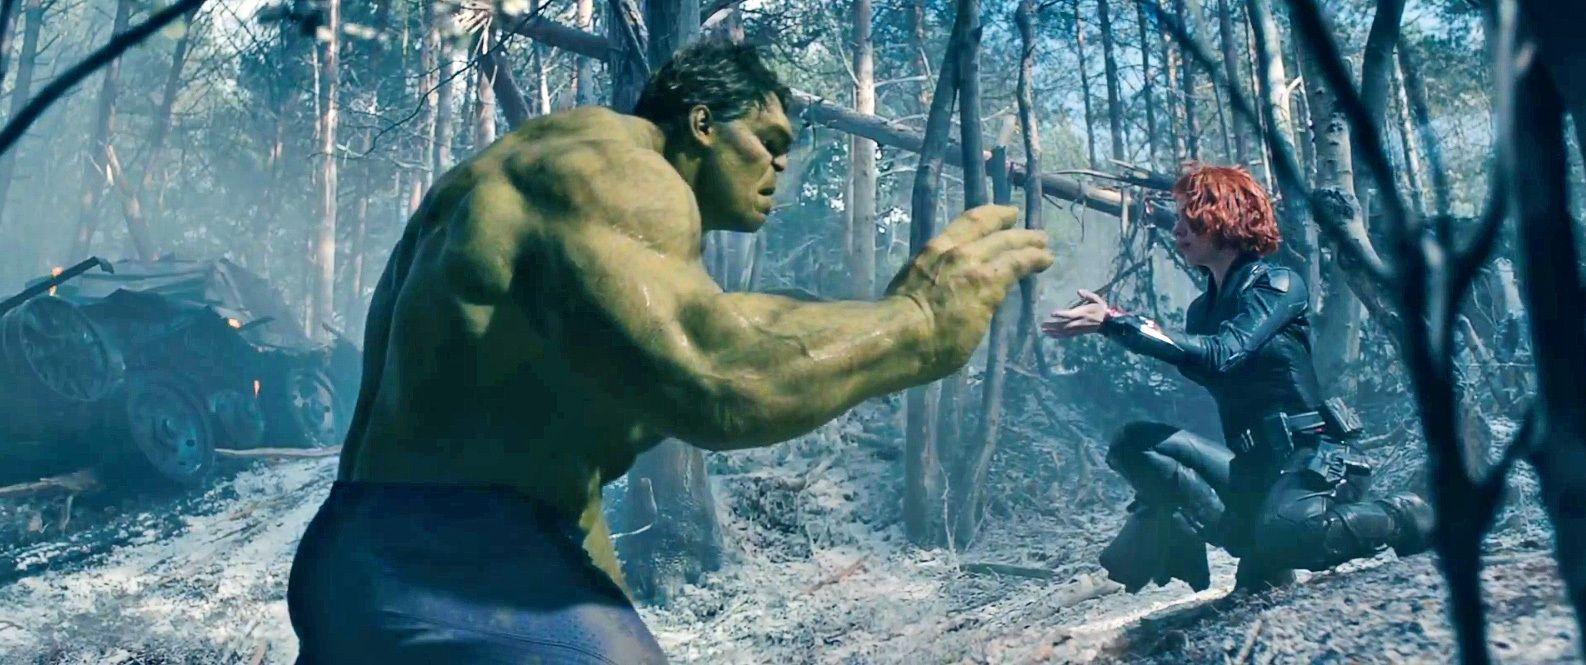 hulk black widow love avengers infinity war